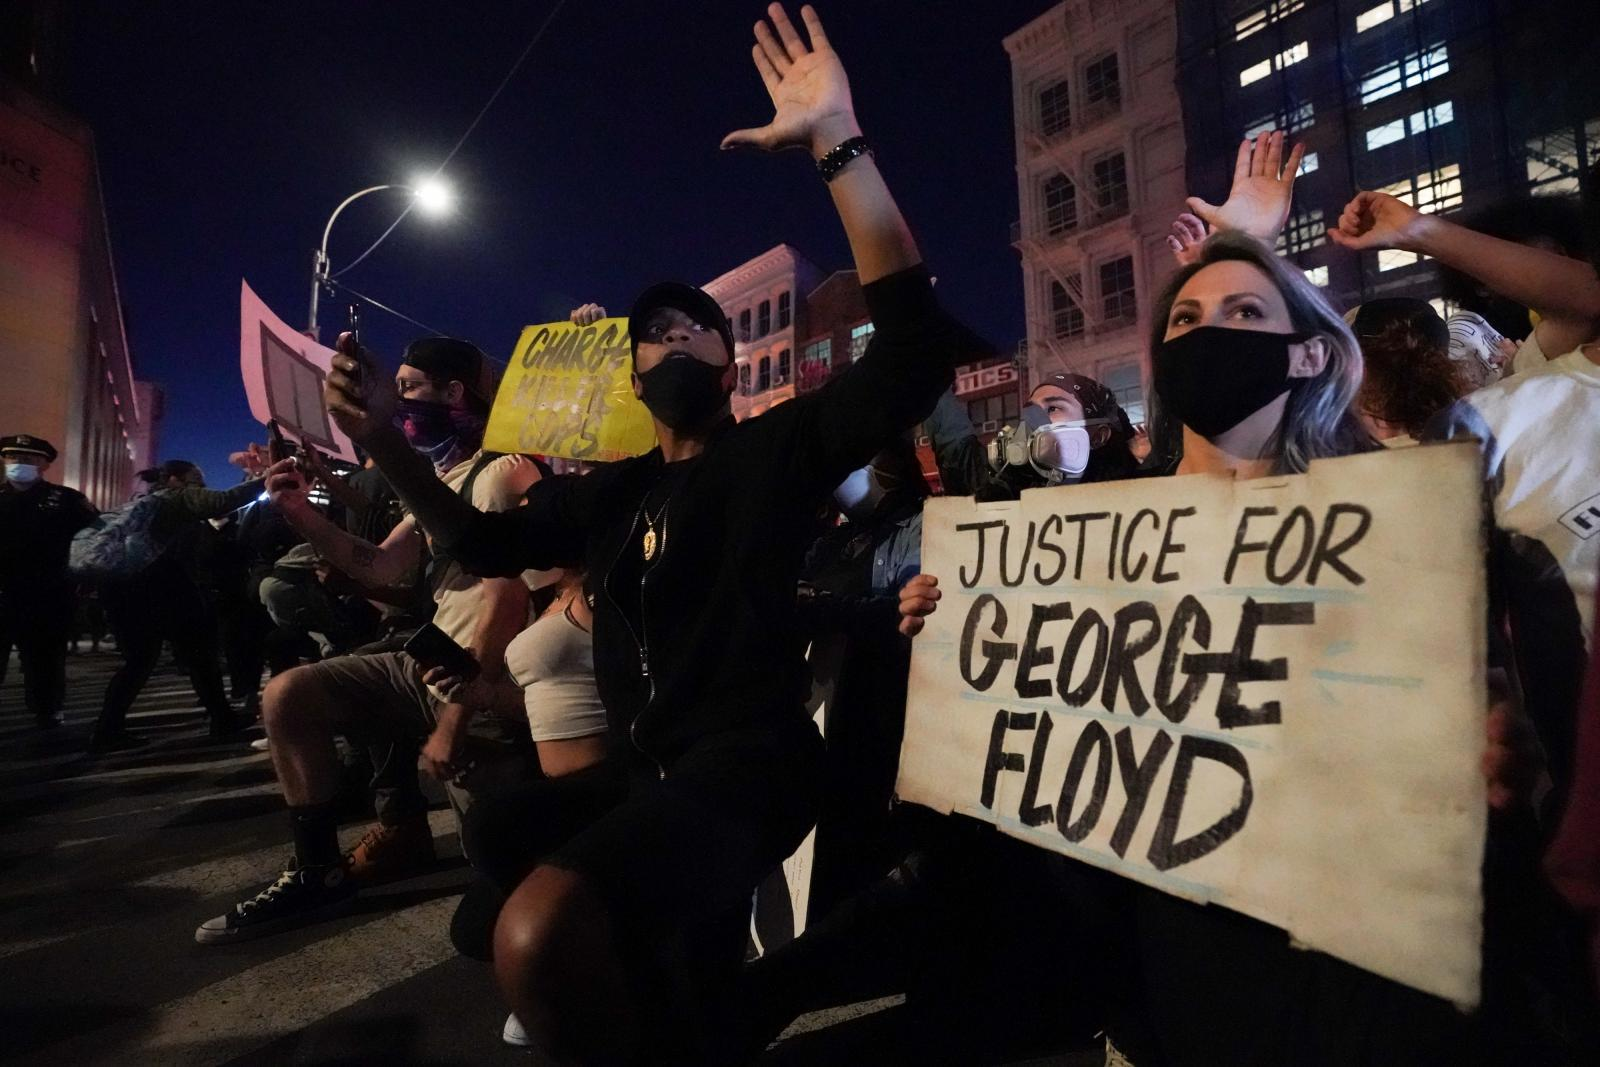 """1 สัปดาห์แห่งความโกรธแค้น เกิดอะไรขึ้นบ้างในคดี """"จอร์จ ฟลอยด์"""""""